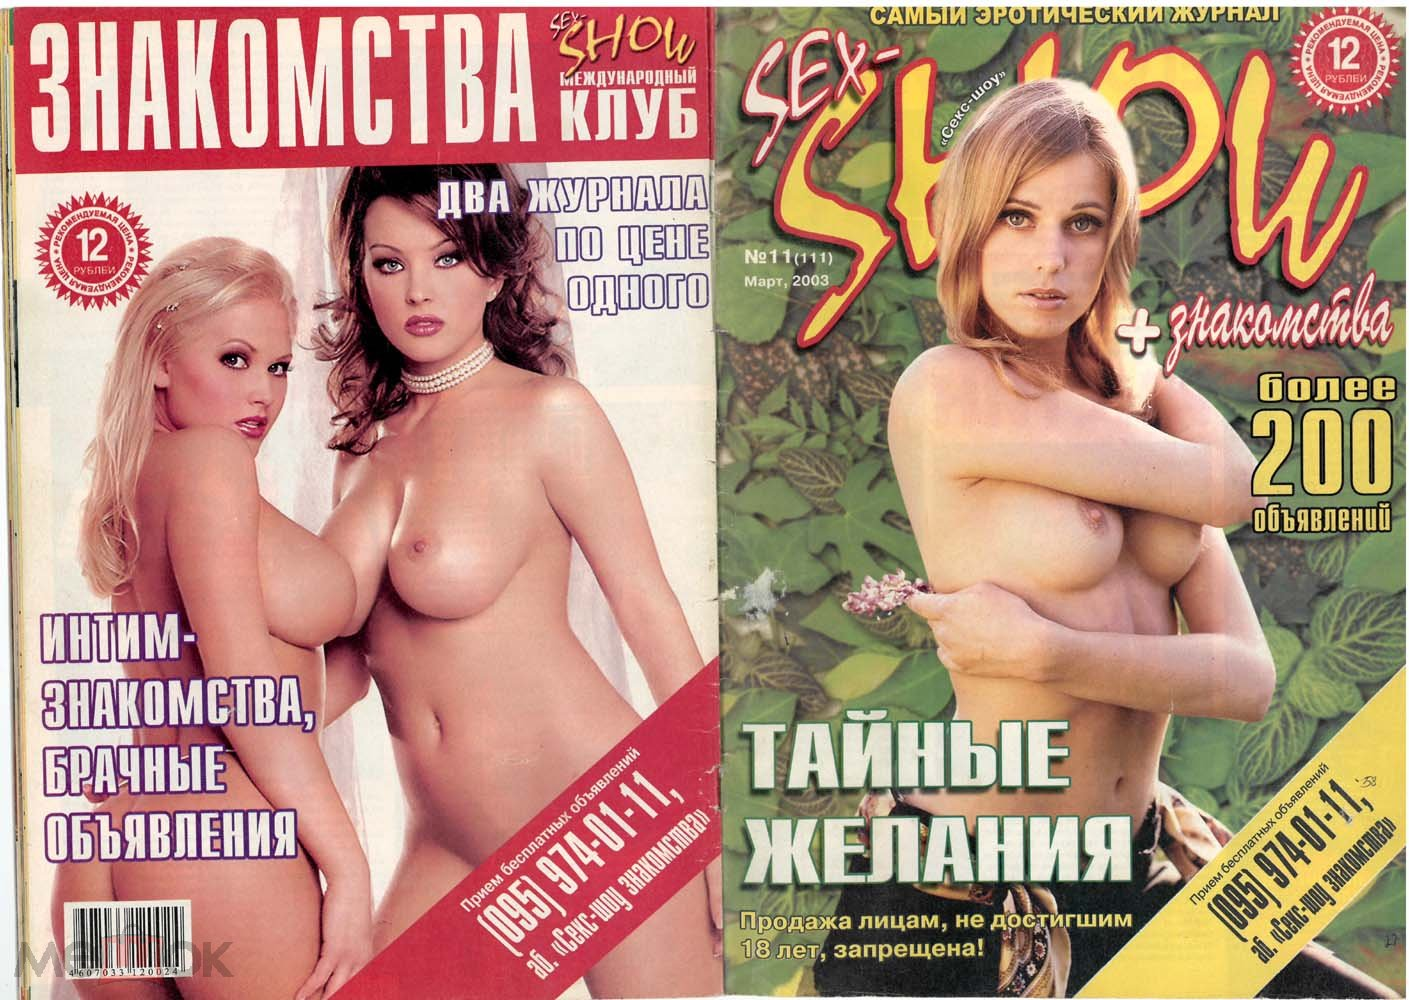 Порно журналы 2003